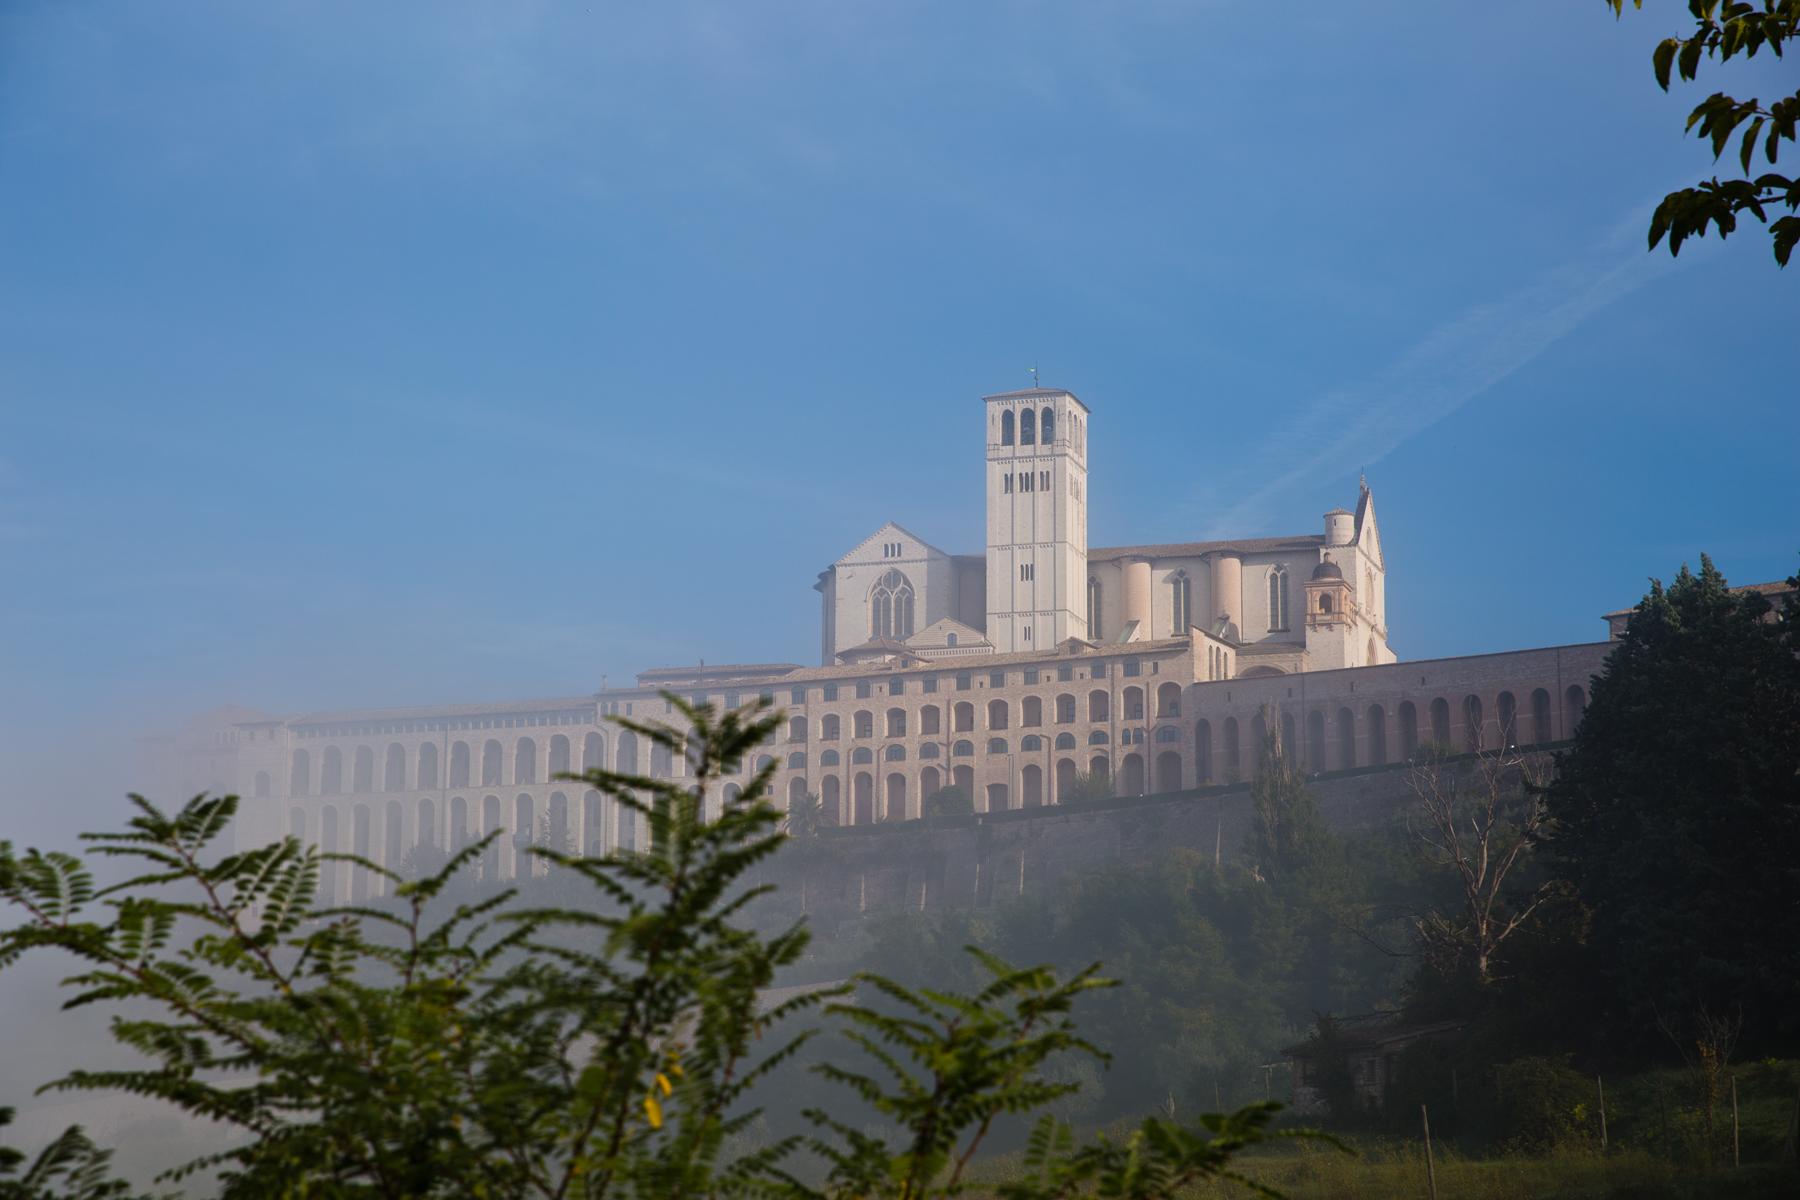 Basilika im Nebel verschwommen